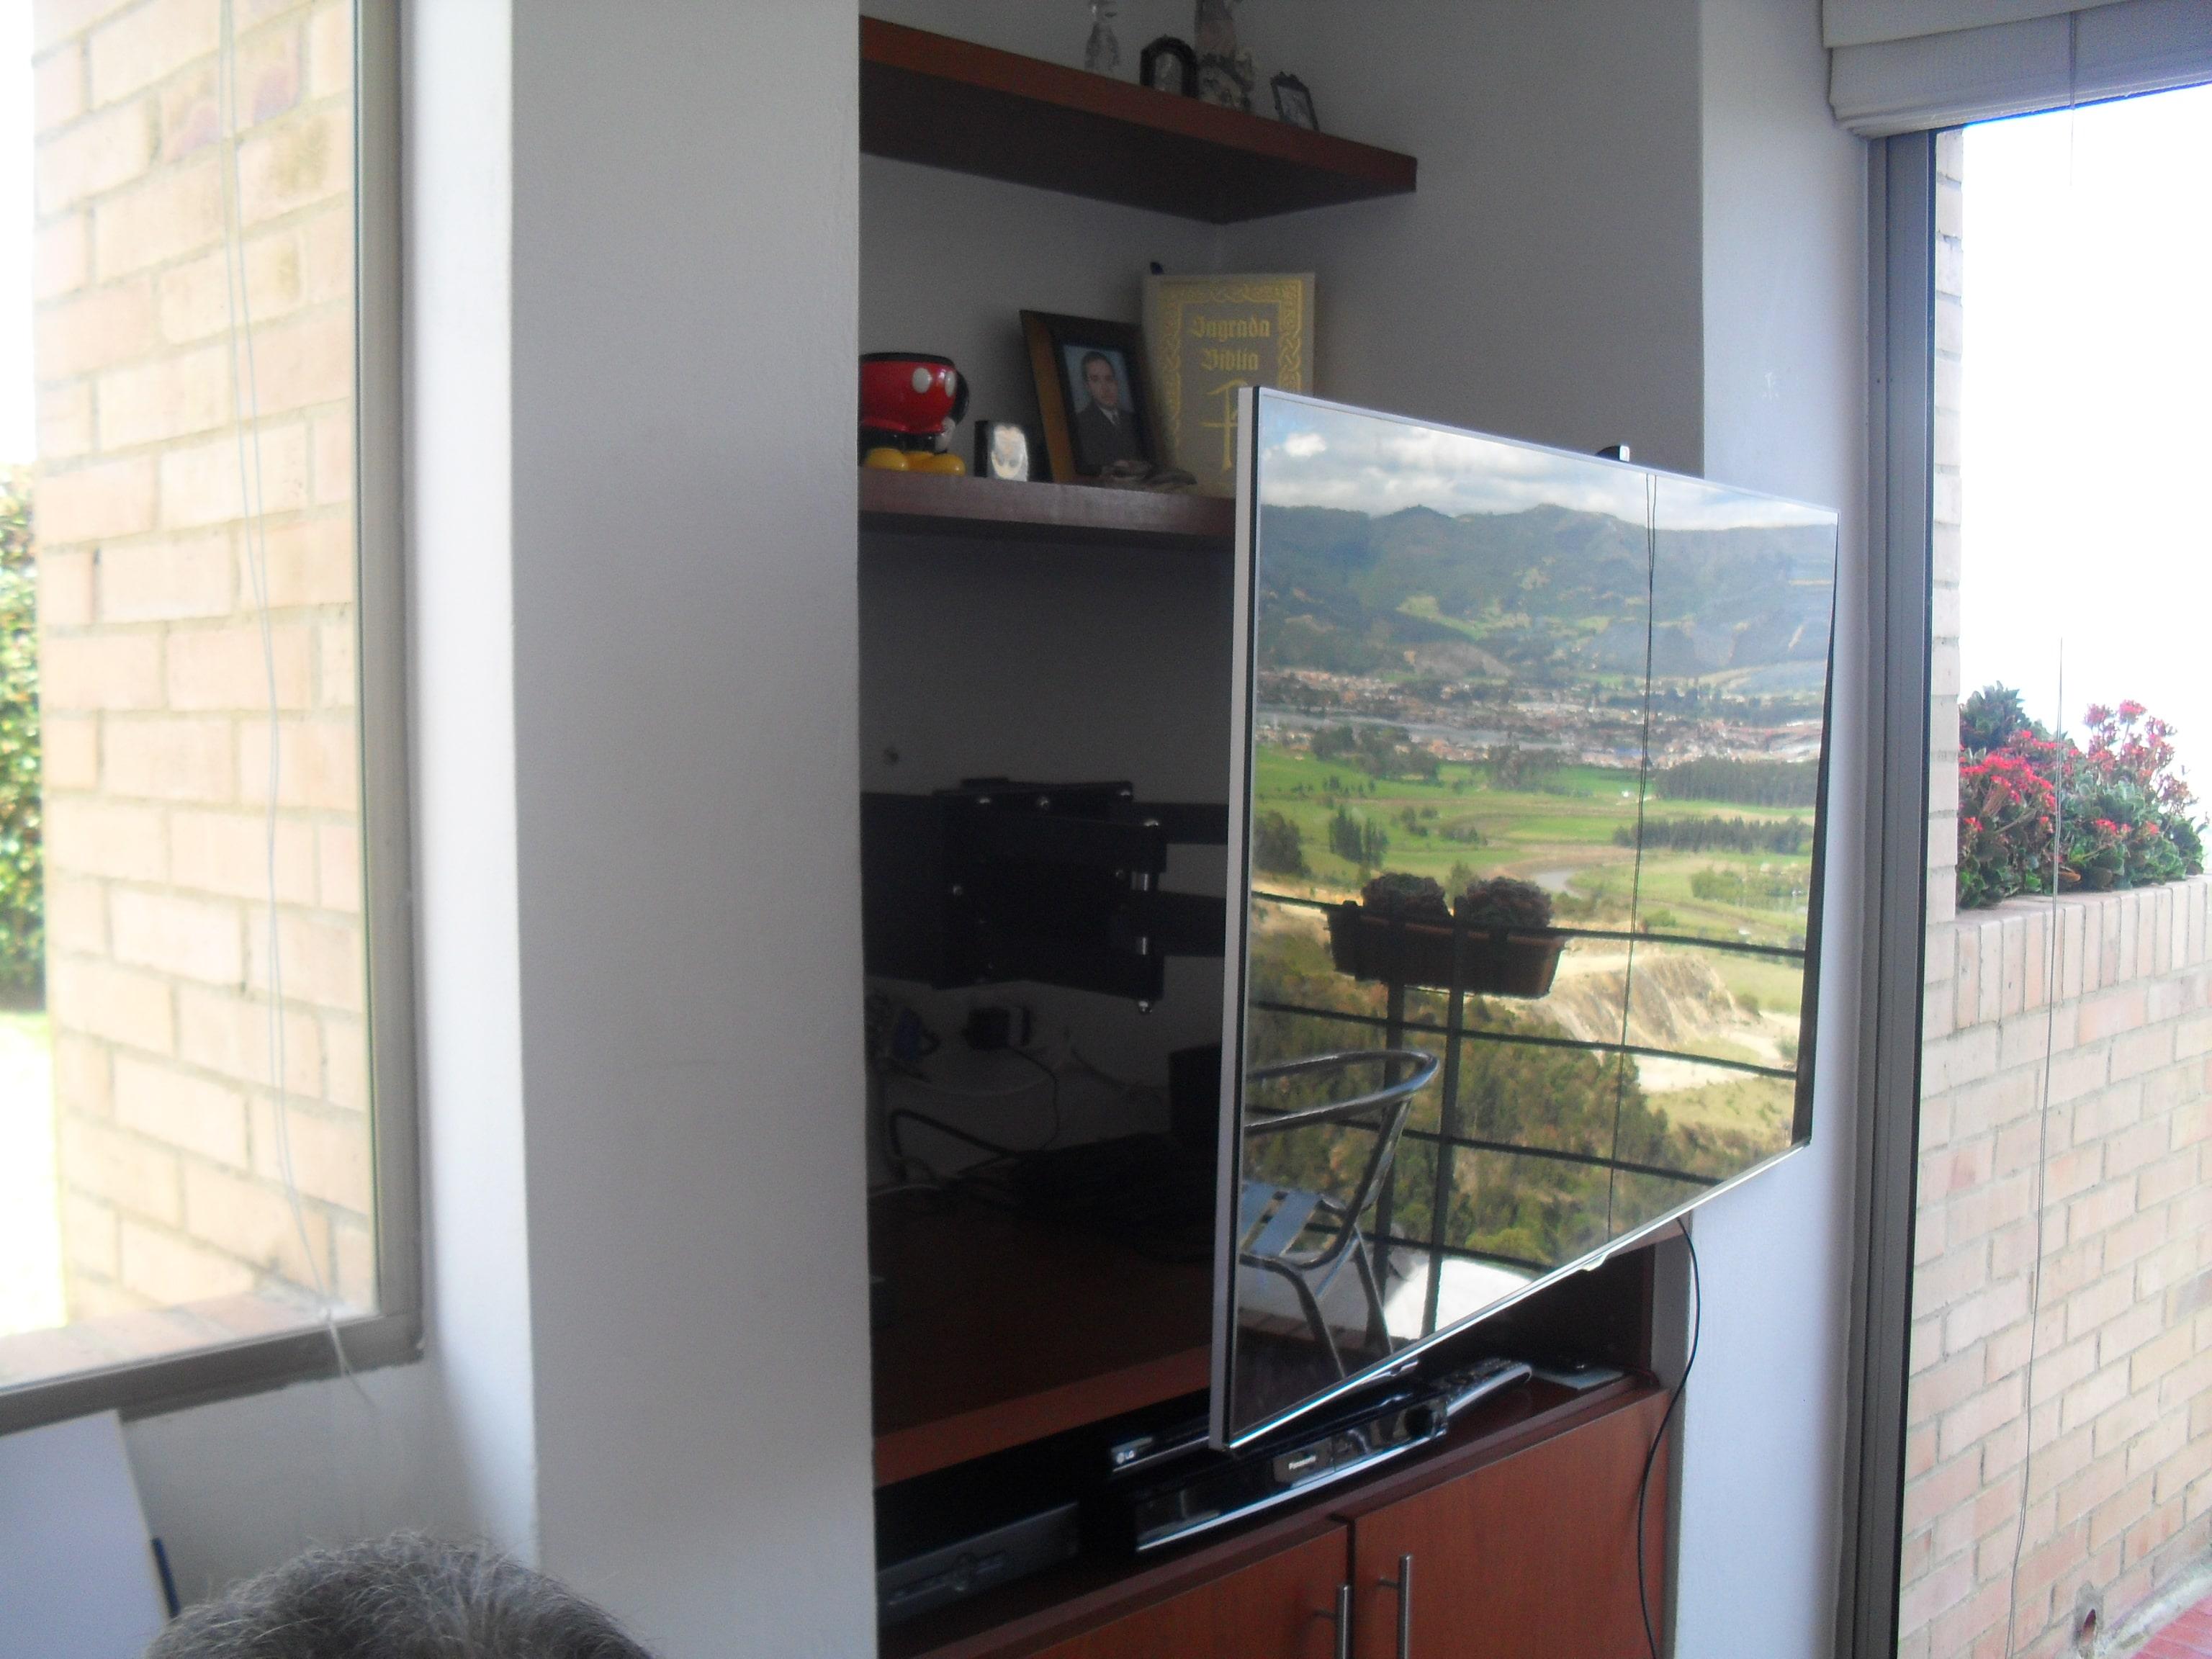 Empotrar tv led lcd en closet armario mueble y biblioteca for Mueble para lcd 50 pulgadas